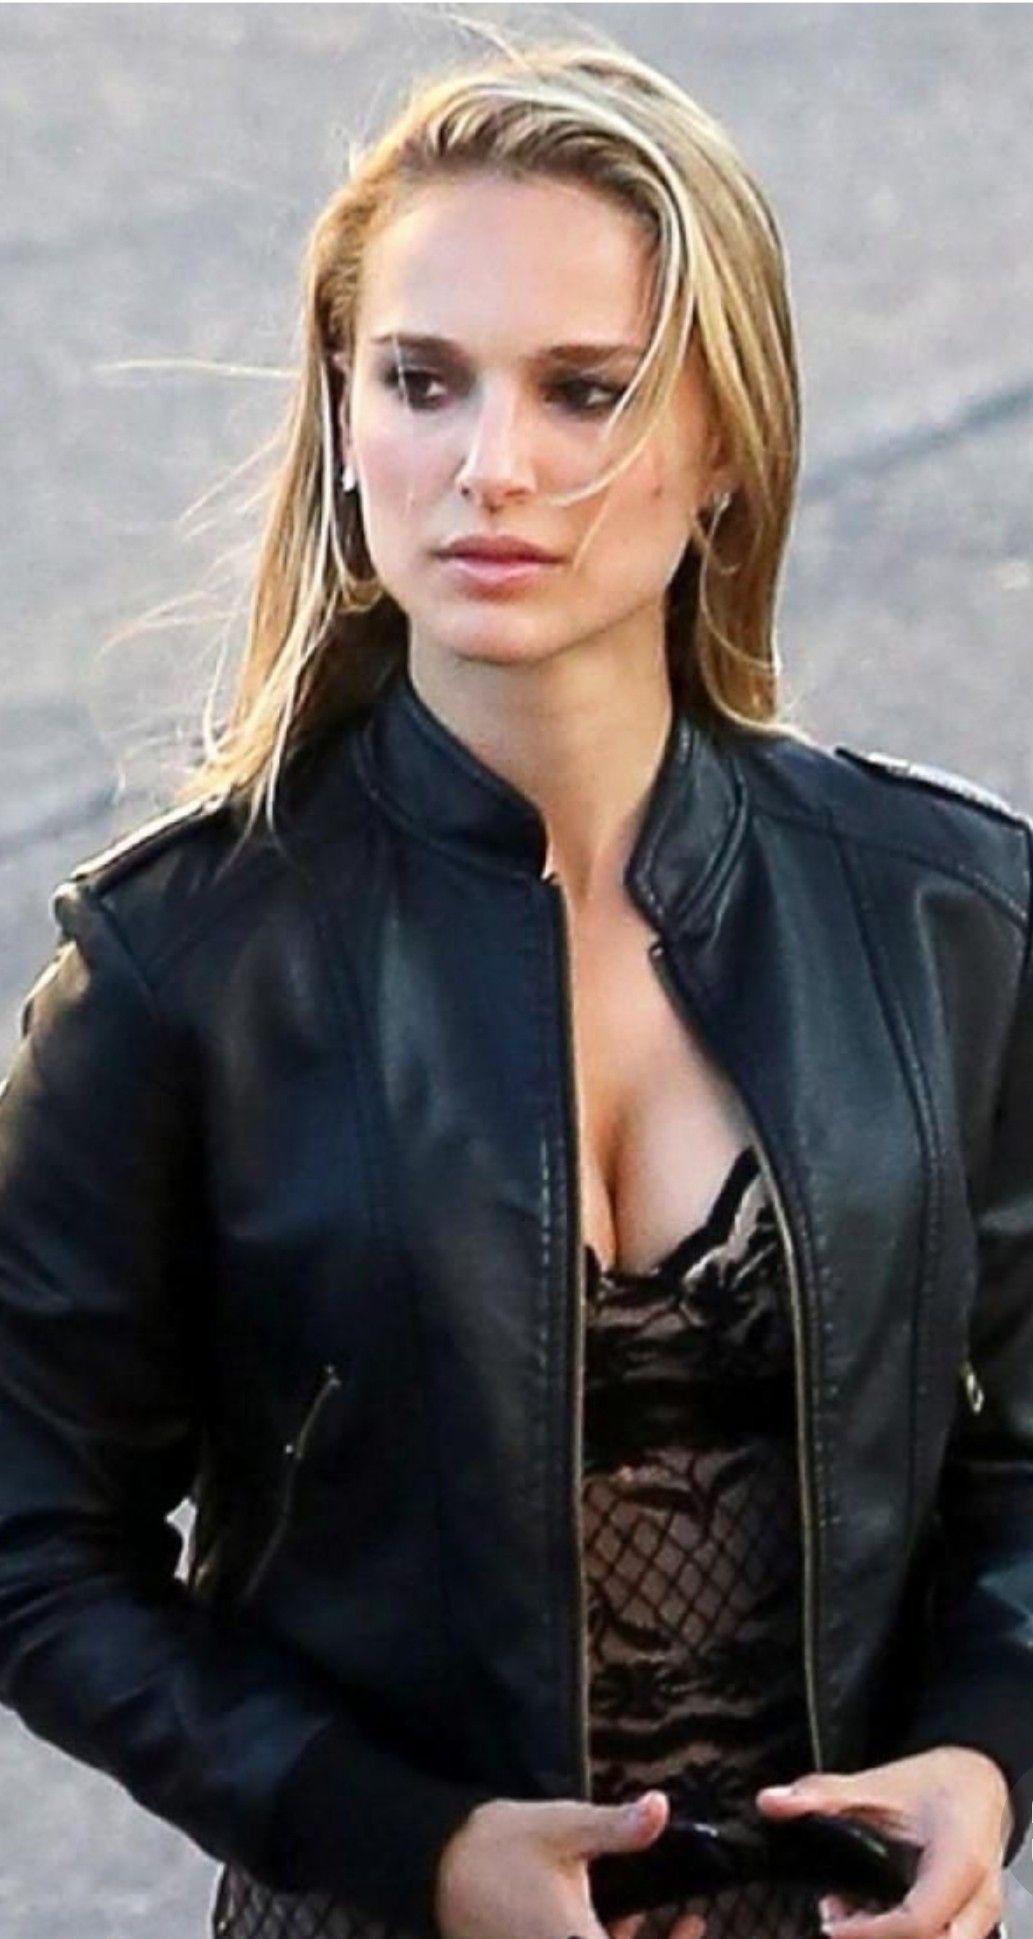 Natalie Portman nero Cigno lesbica